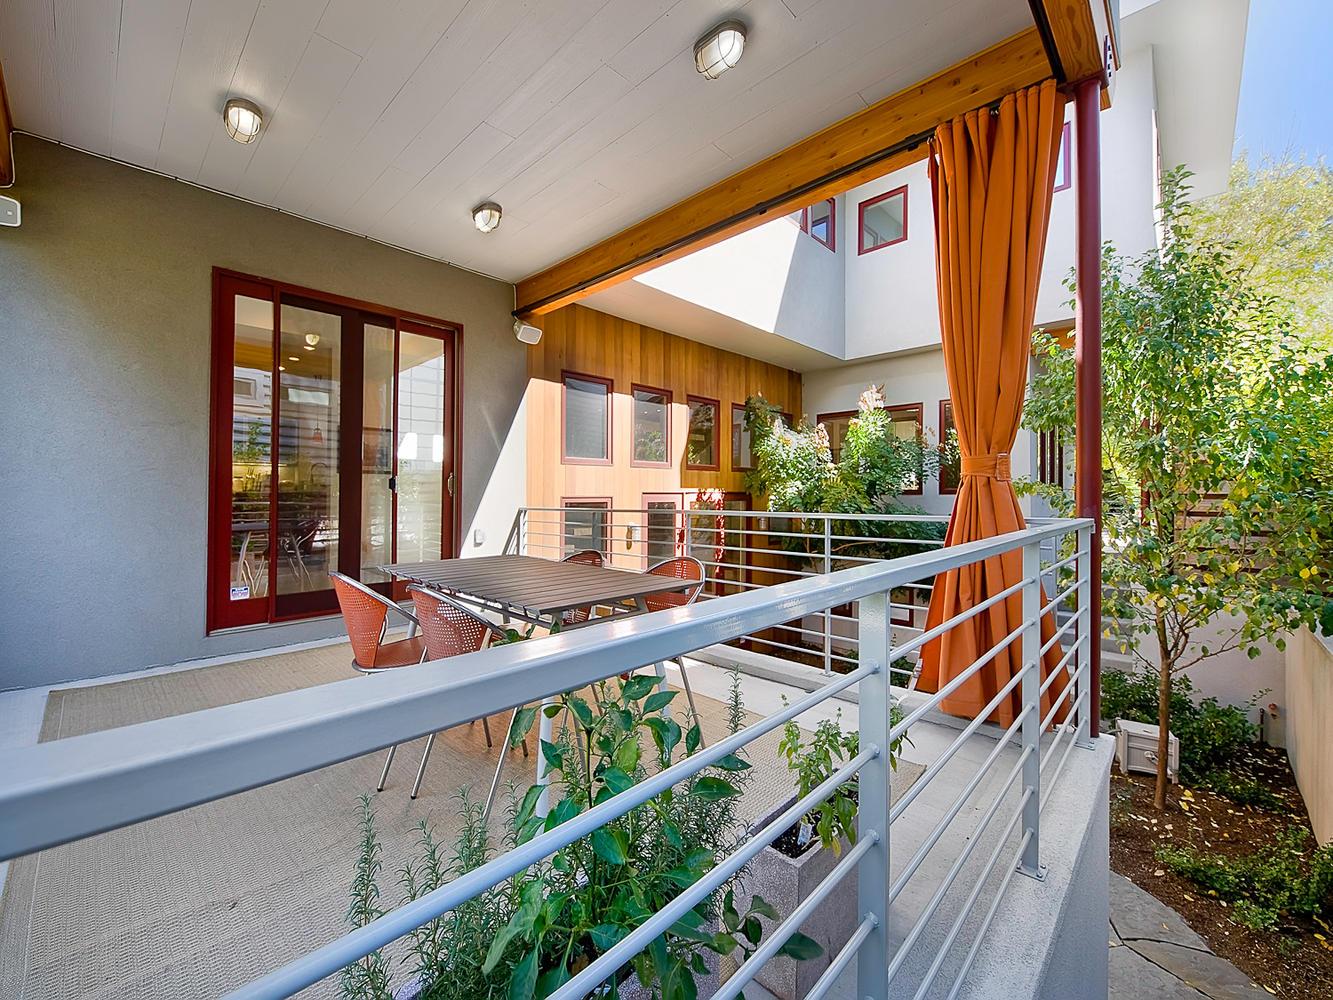 45 Dekorasi Keren Teras Rumah Minimalis Rumahku Unik